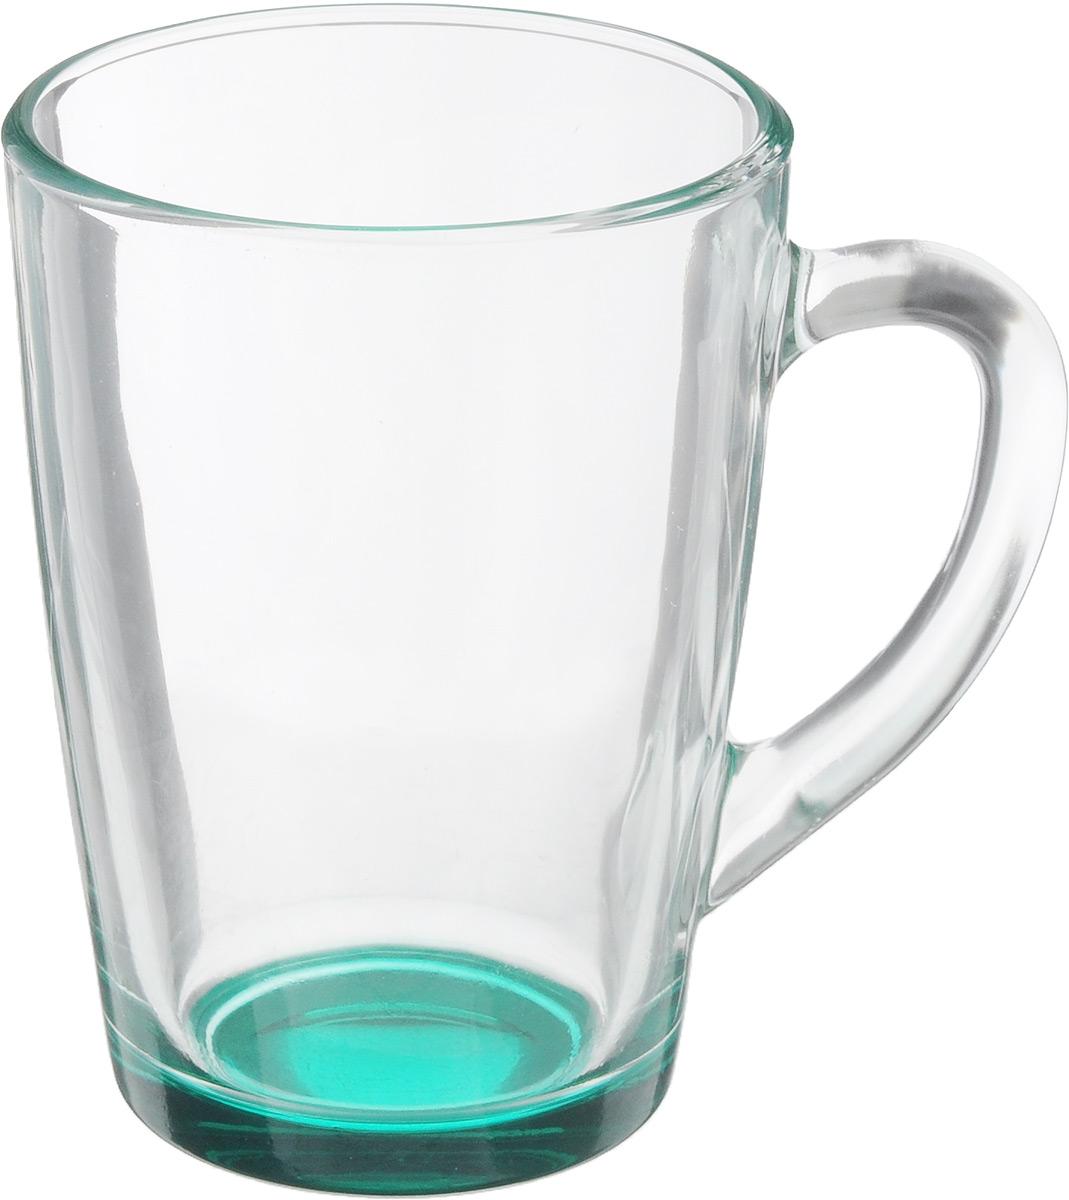 Кружка OSZ Капучино, цвет: прозрачный, зеленый, 300 мл. 07C1334LM07C1334LM_прозрачный, зеленыйКружка OSZ Капучино изготовлена из стекла двух цветов. Изделие идеально подходит для сервировки стола. Кружка не только украсит ваш кухонный стол, но и подчеркнет прекрасный вкус хозяйки. Диаметр кружки (по верхнему краю): 8 см. Высота кружки: 11 см. Объем кружки: 300 мл.